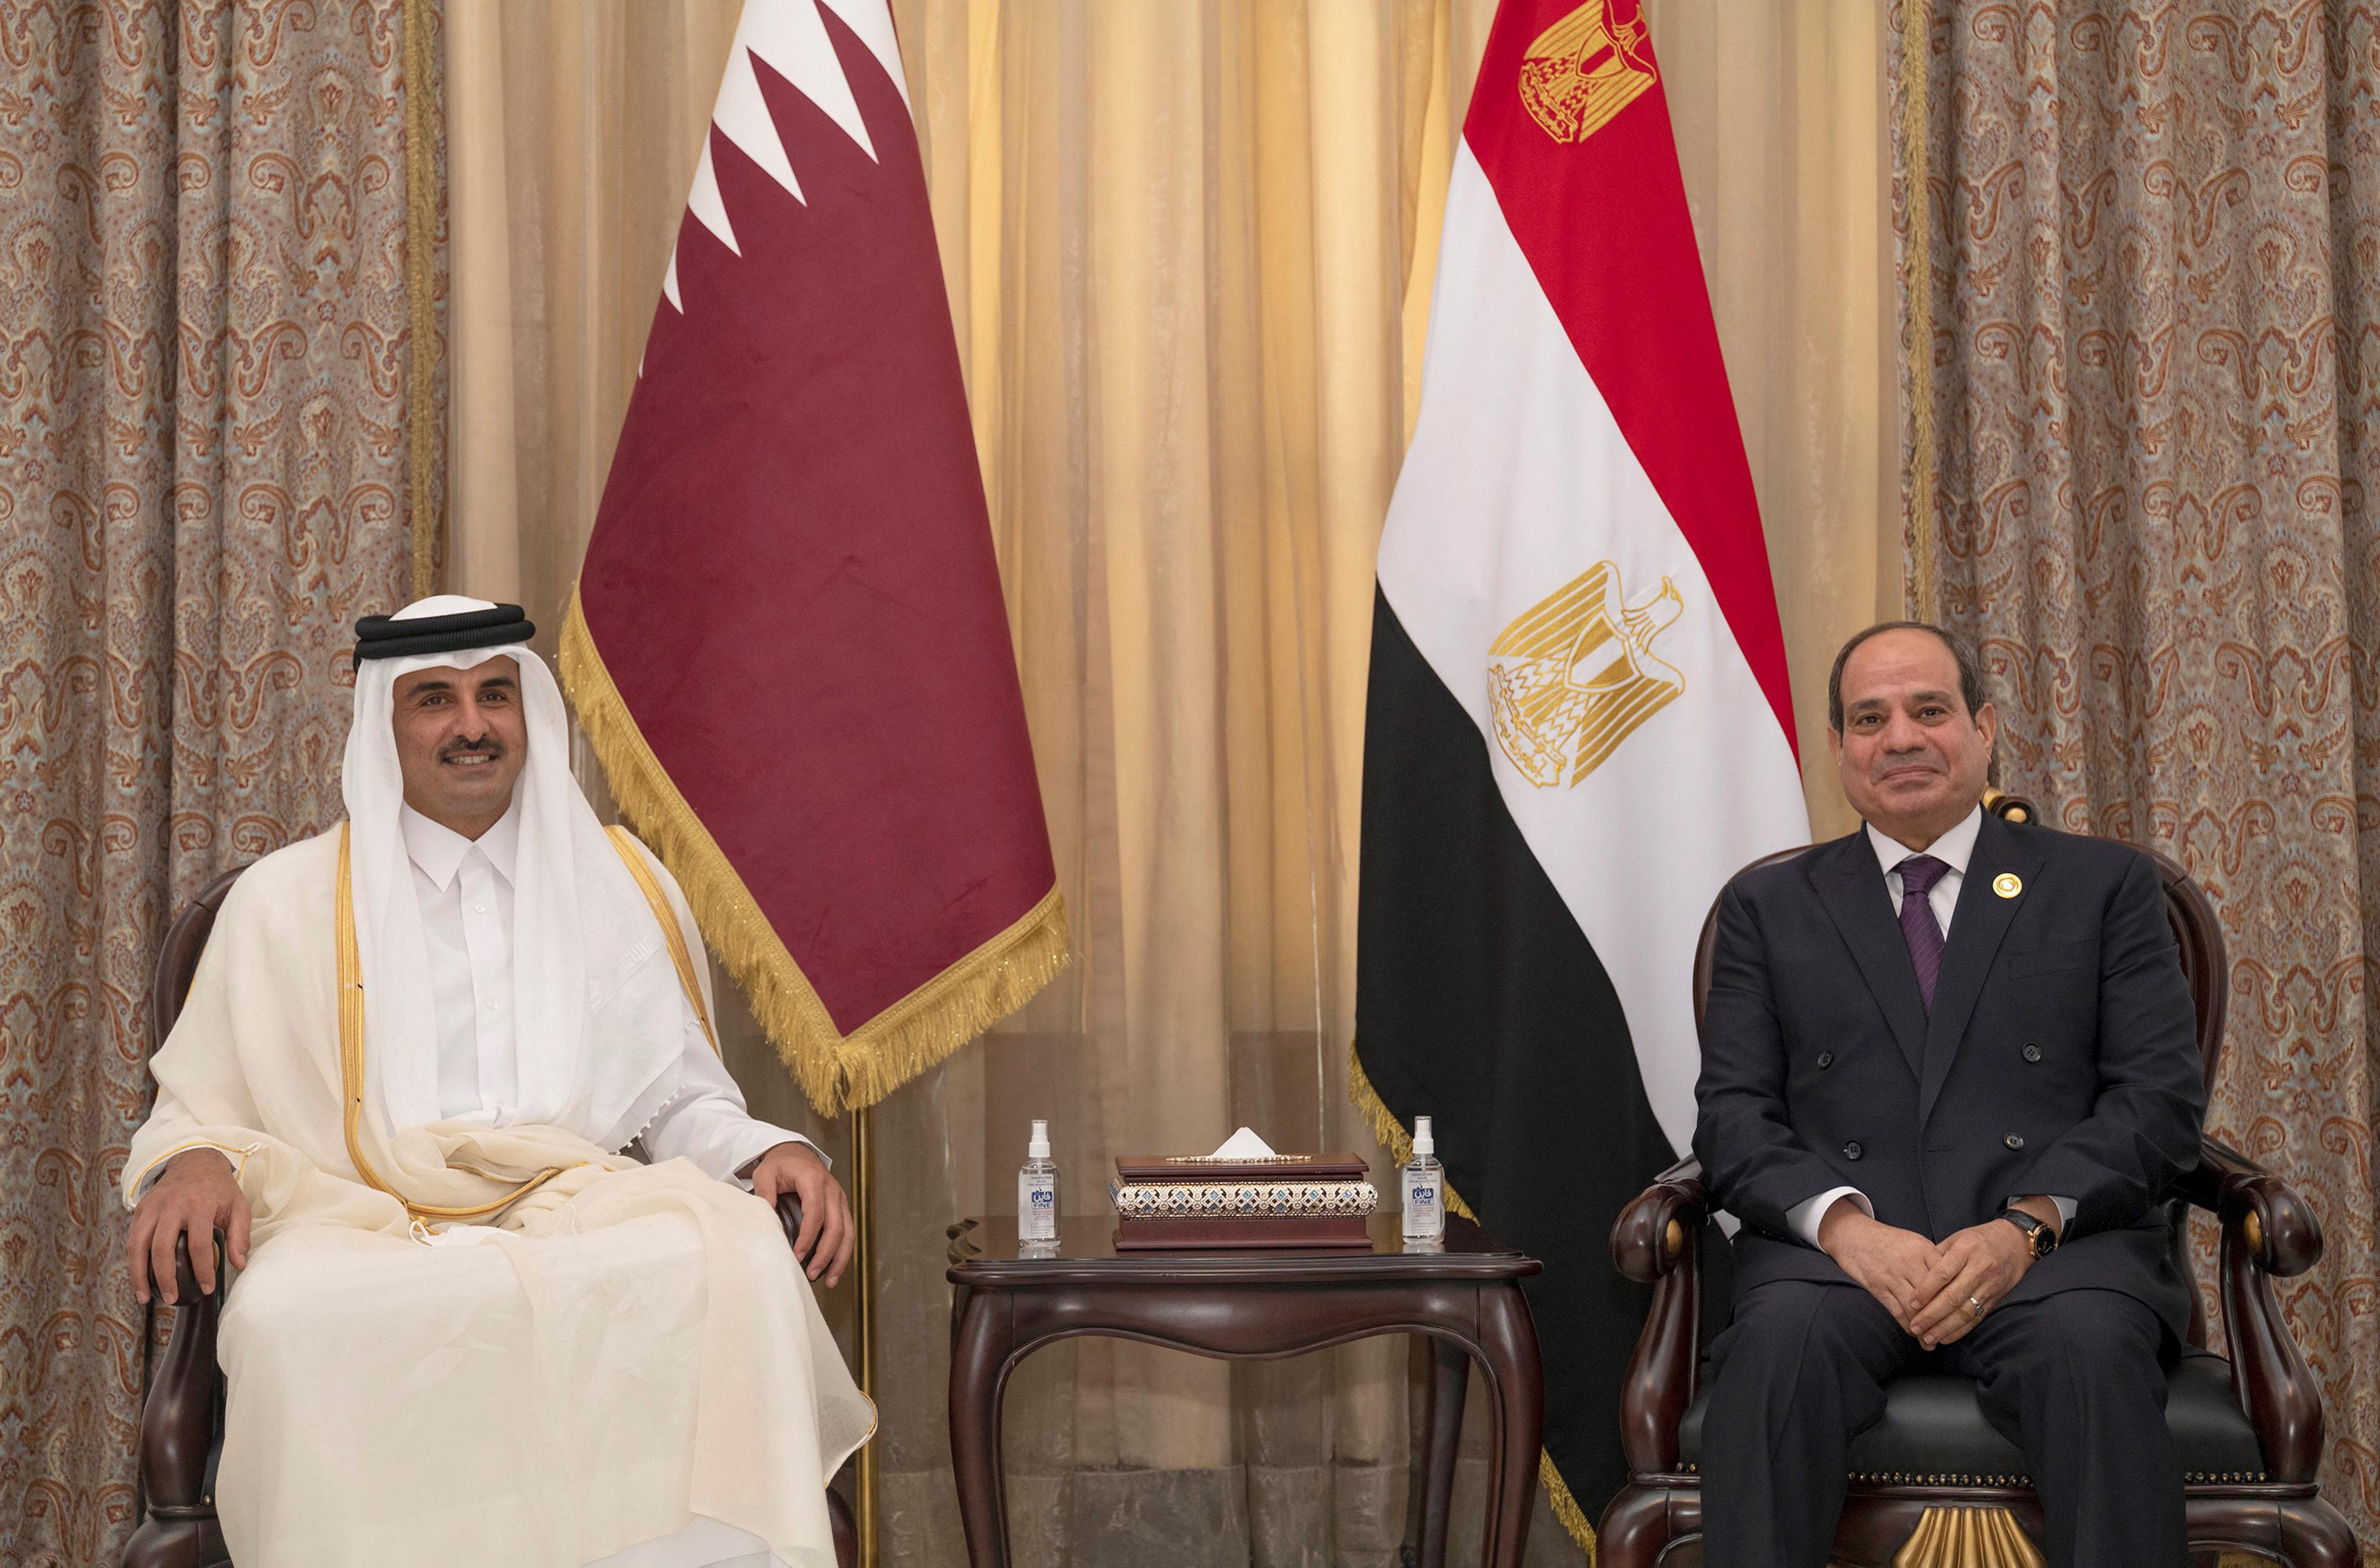 لقاء بعد قطيعة بين الرئيس المصري عبد الفتاح السيسي وأمير قطر تميم بن حمد